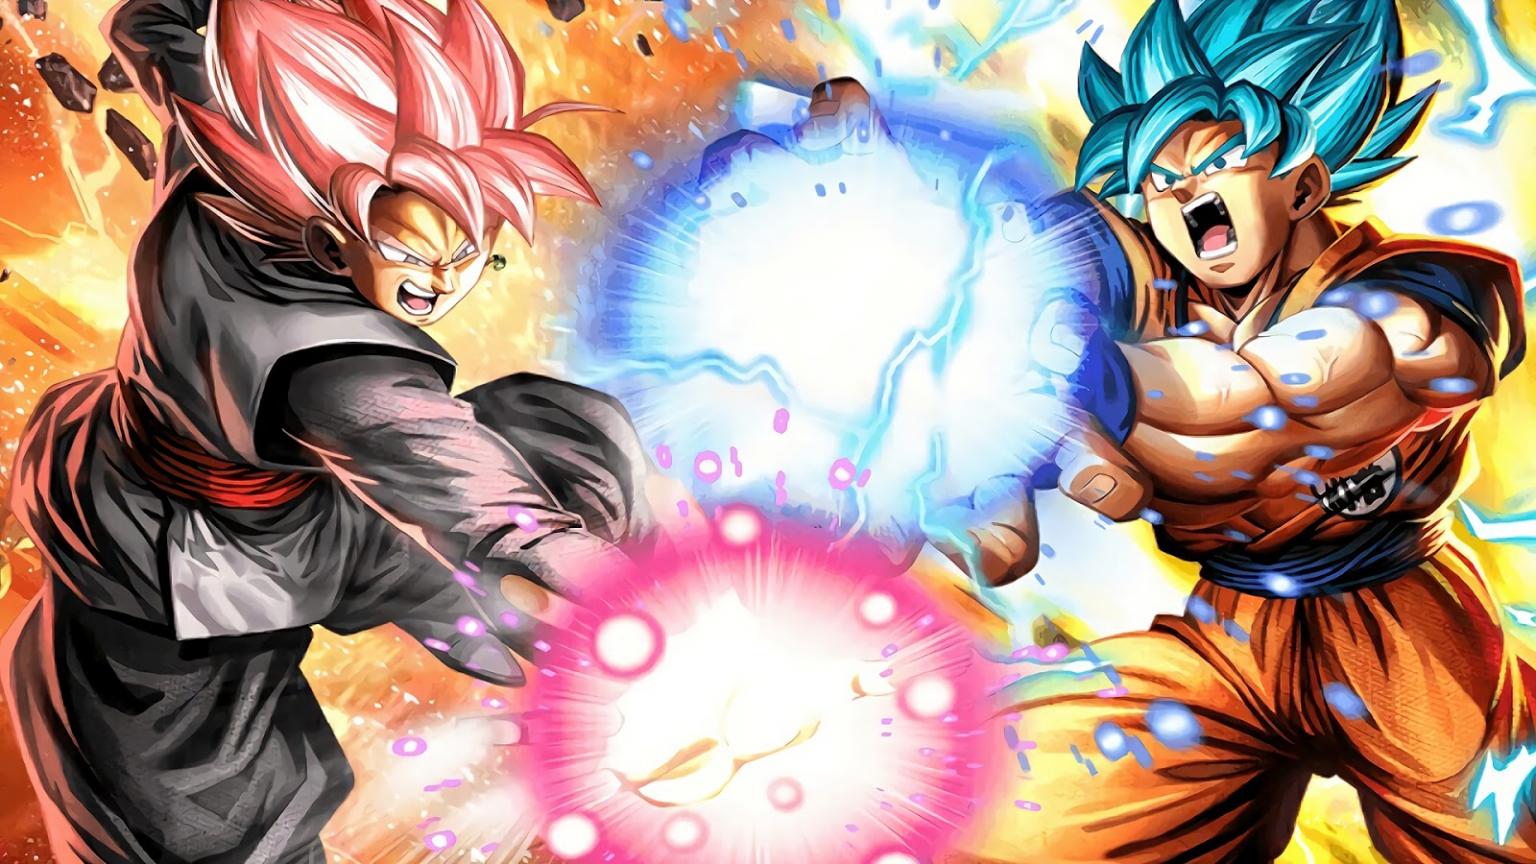 Free Download Vegito Gogeta Goku Vegeta And Dragonball Super